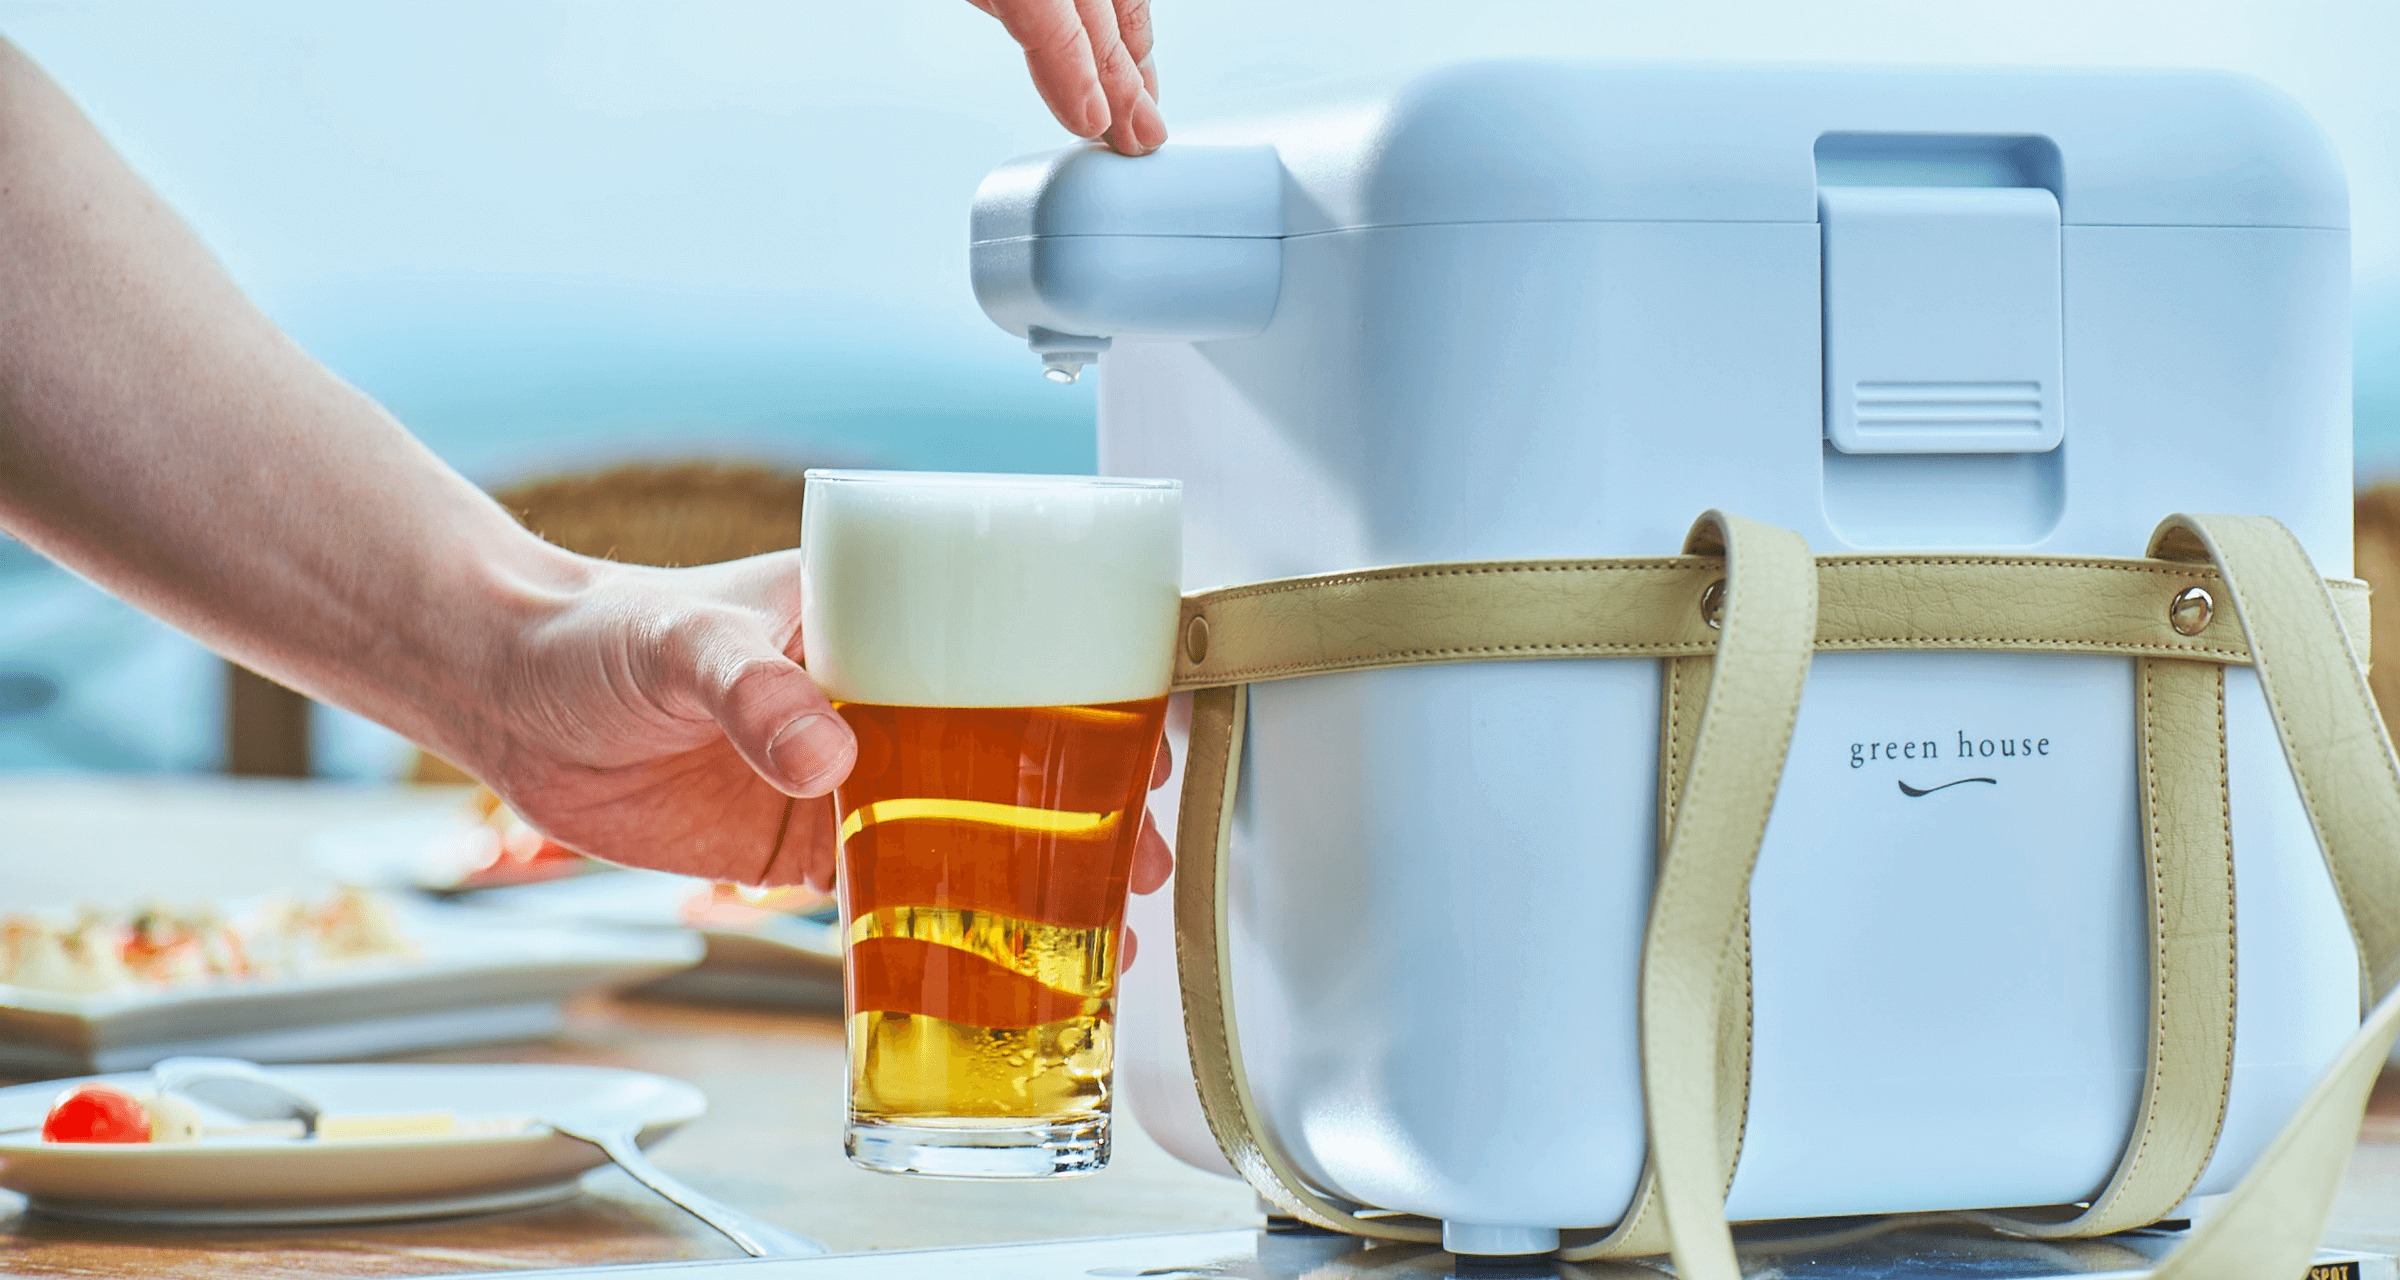 【2021年版】家庭用ビールサーバーはコレ1択!レビューを徹底解析!超音波方式